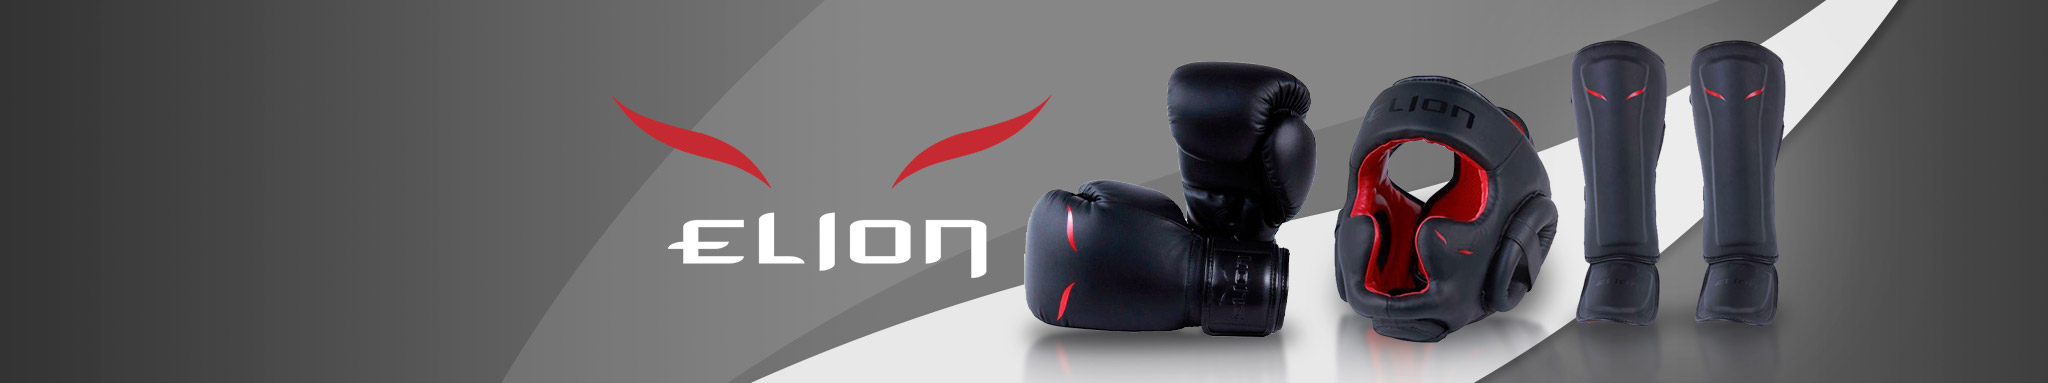 Elion : vêtements, équipements & accessoires de la marque Elion | Dragon Bleu